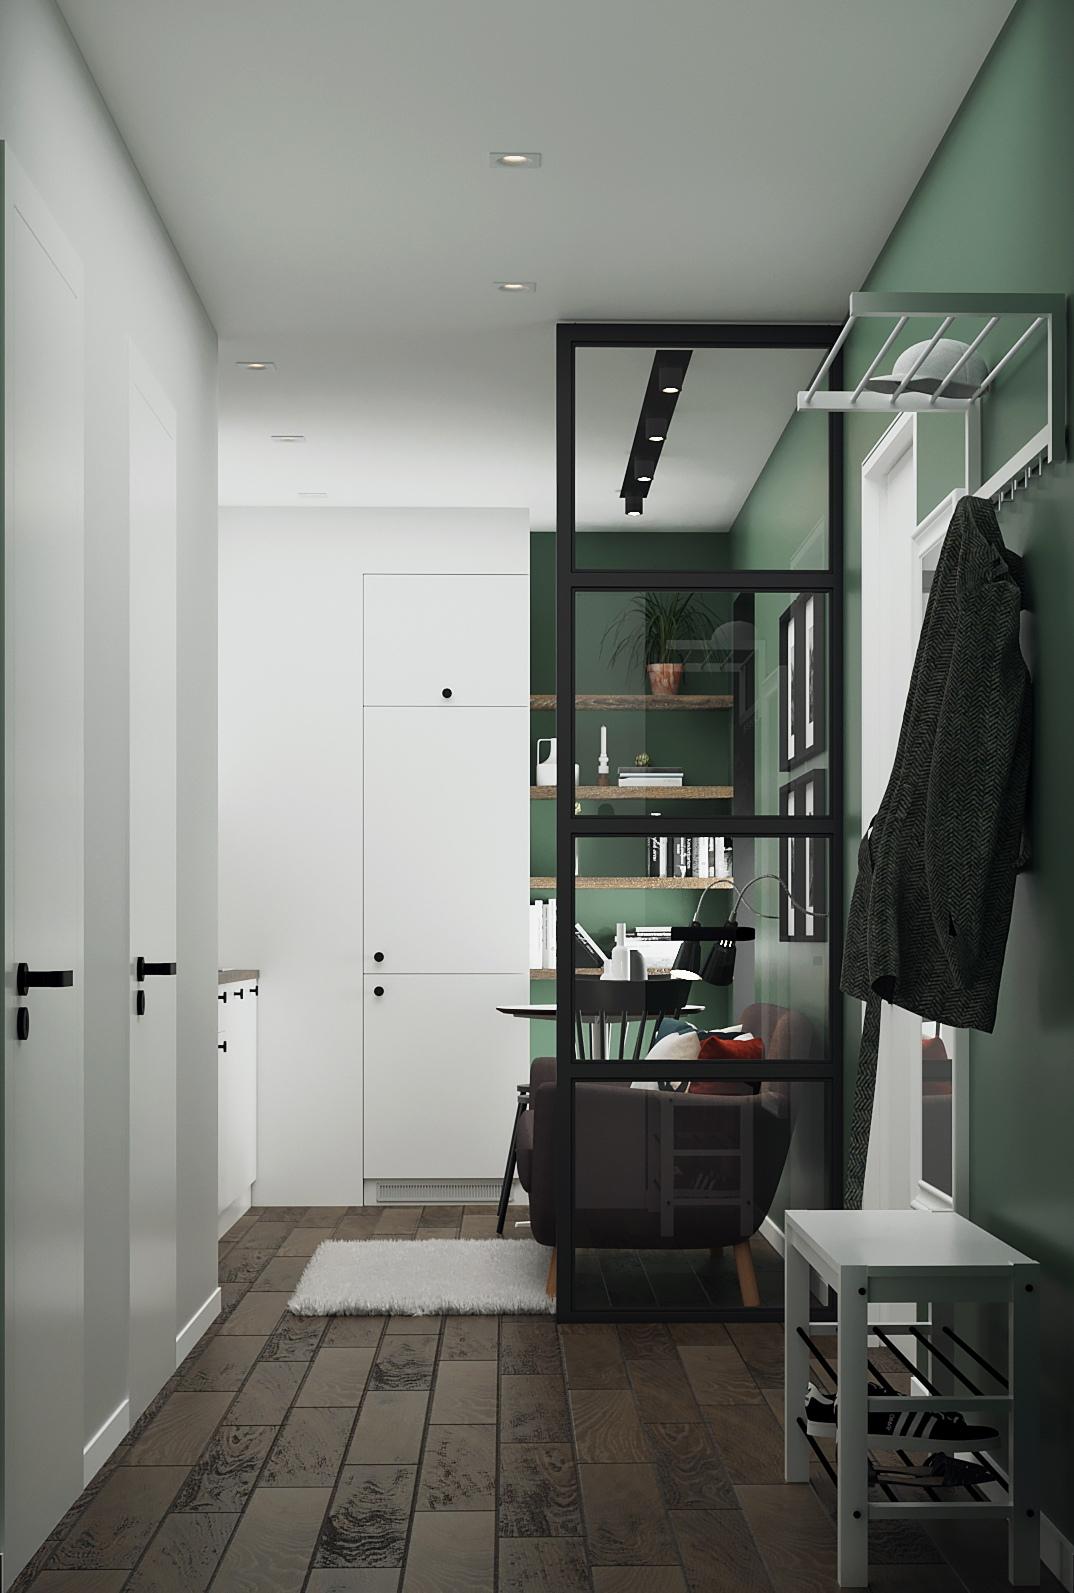 Дизайн-проект квартиры с кухней-гостиной и небольшой спальней в Санкт-Петербурге, 30 м2.